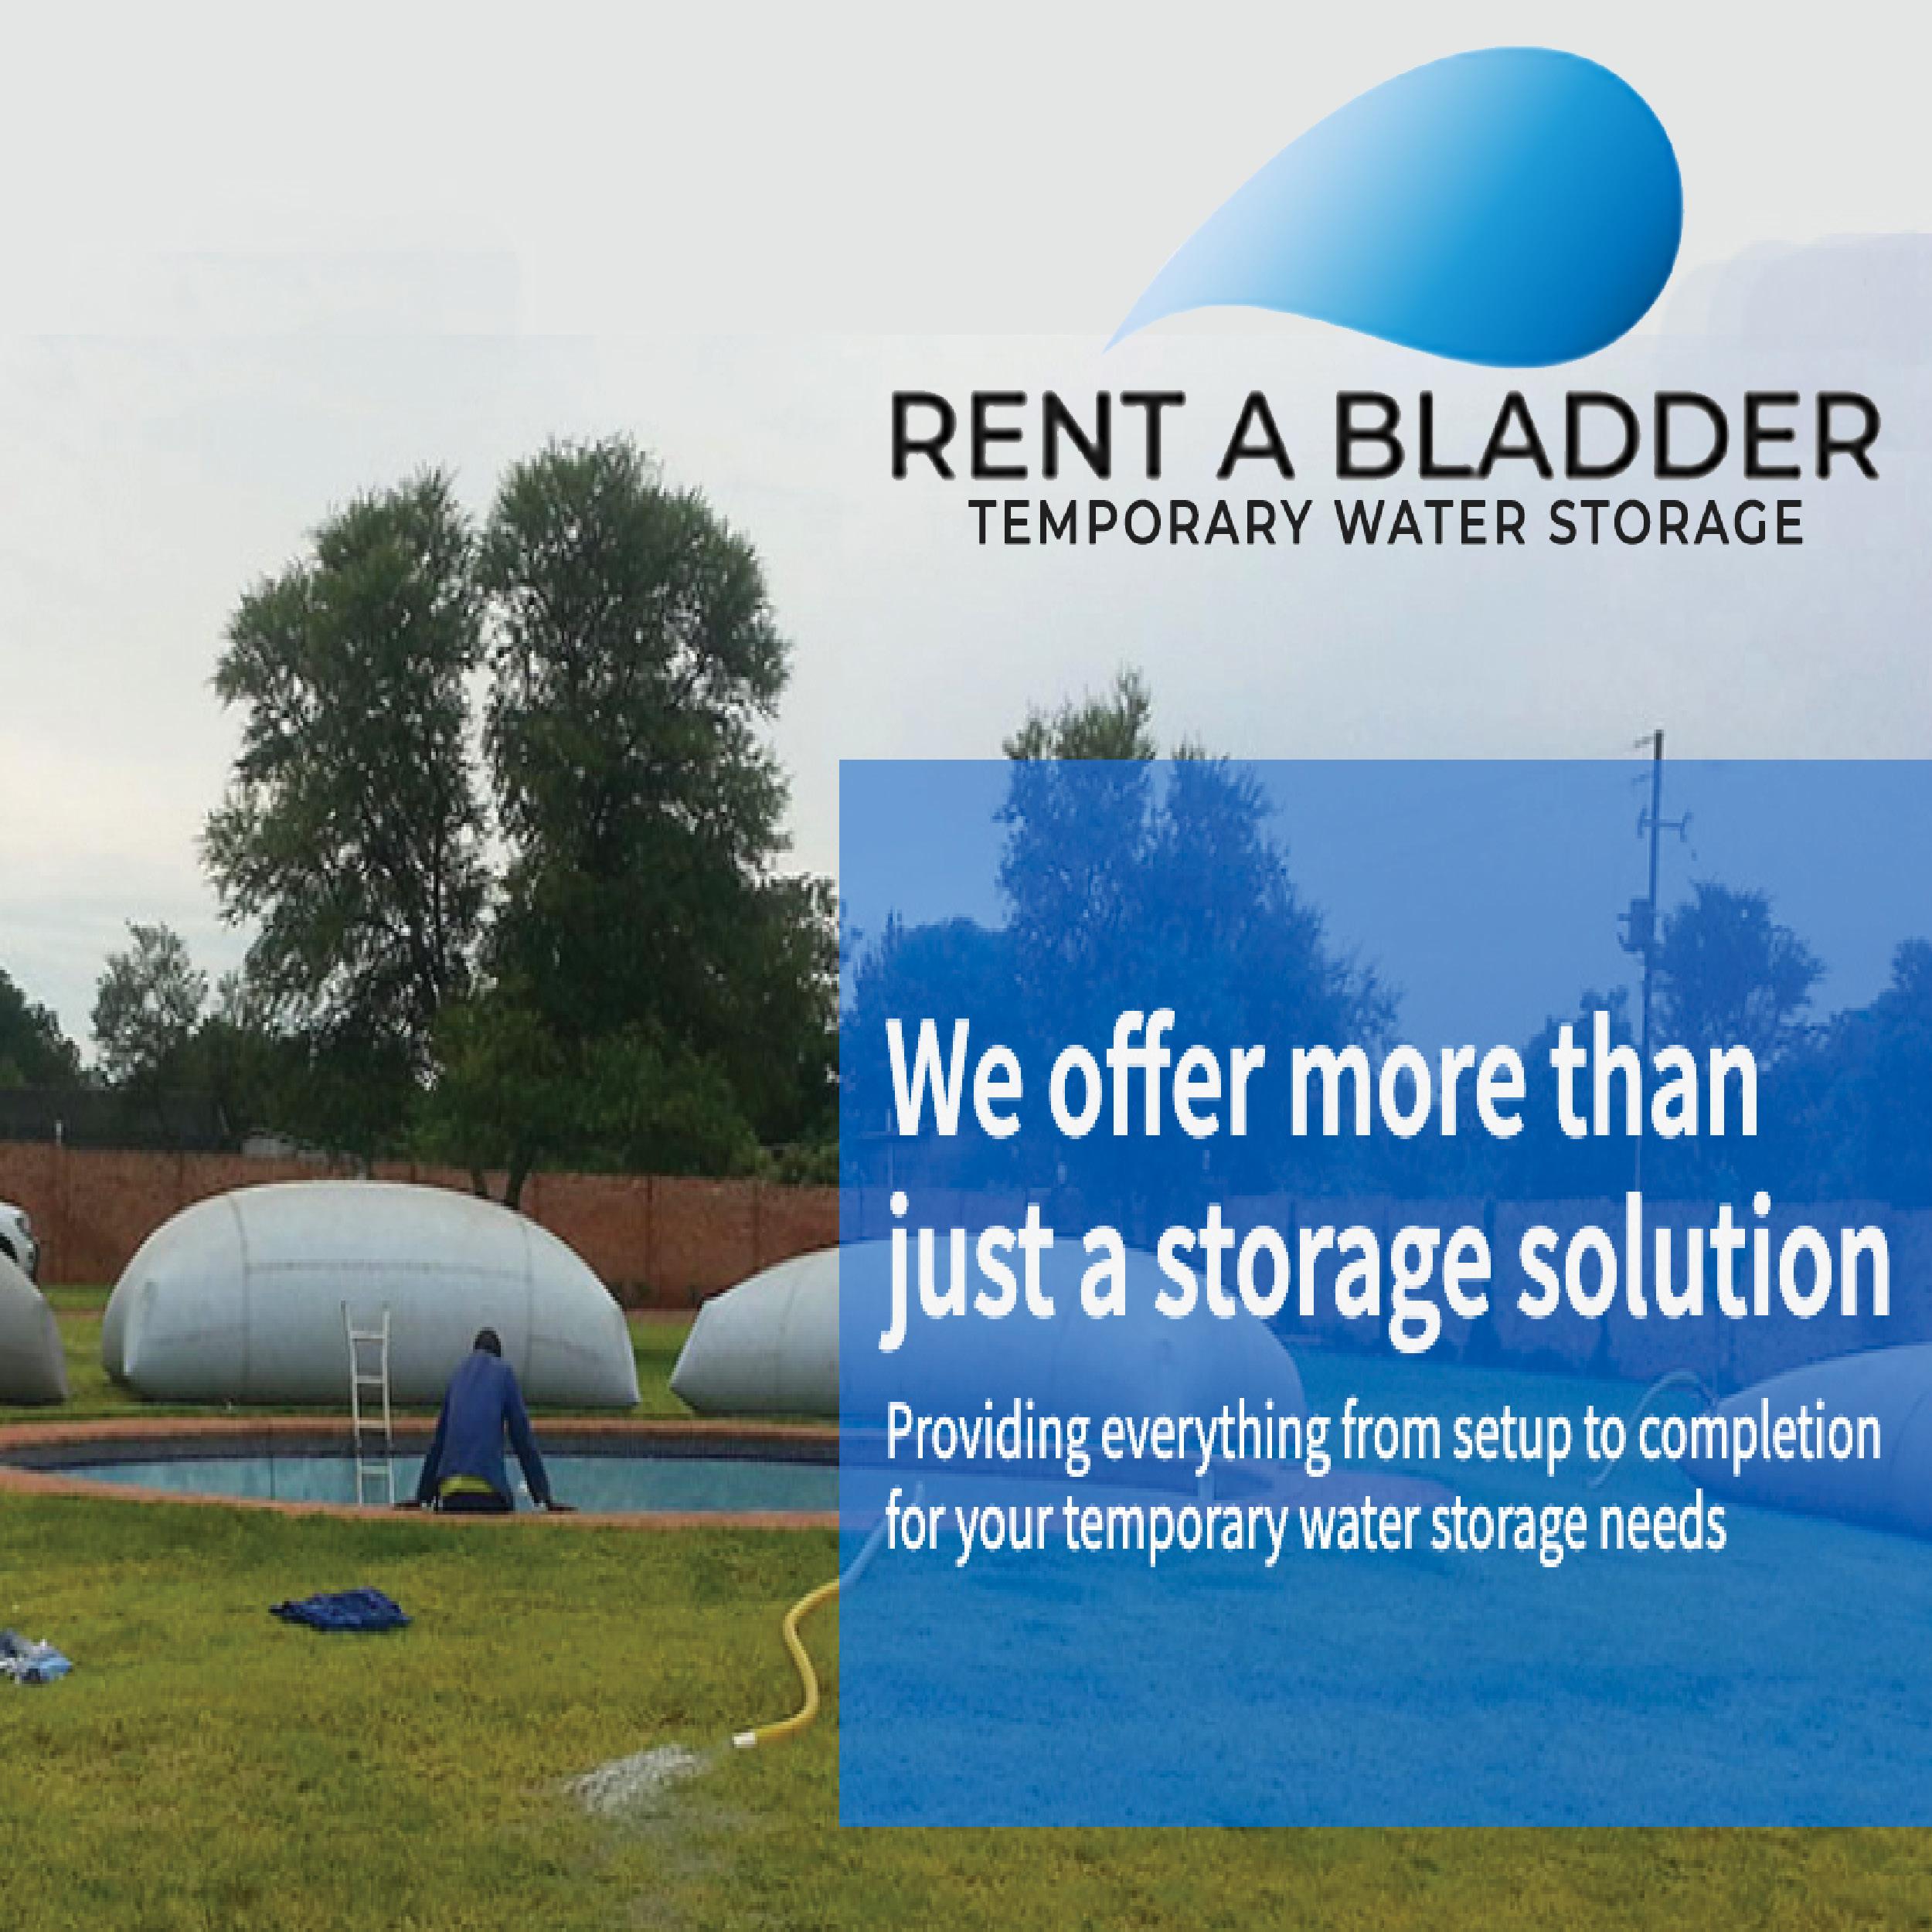 rent a bladder water storage solutions